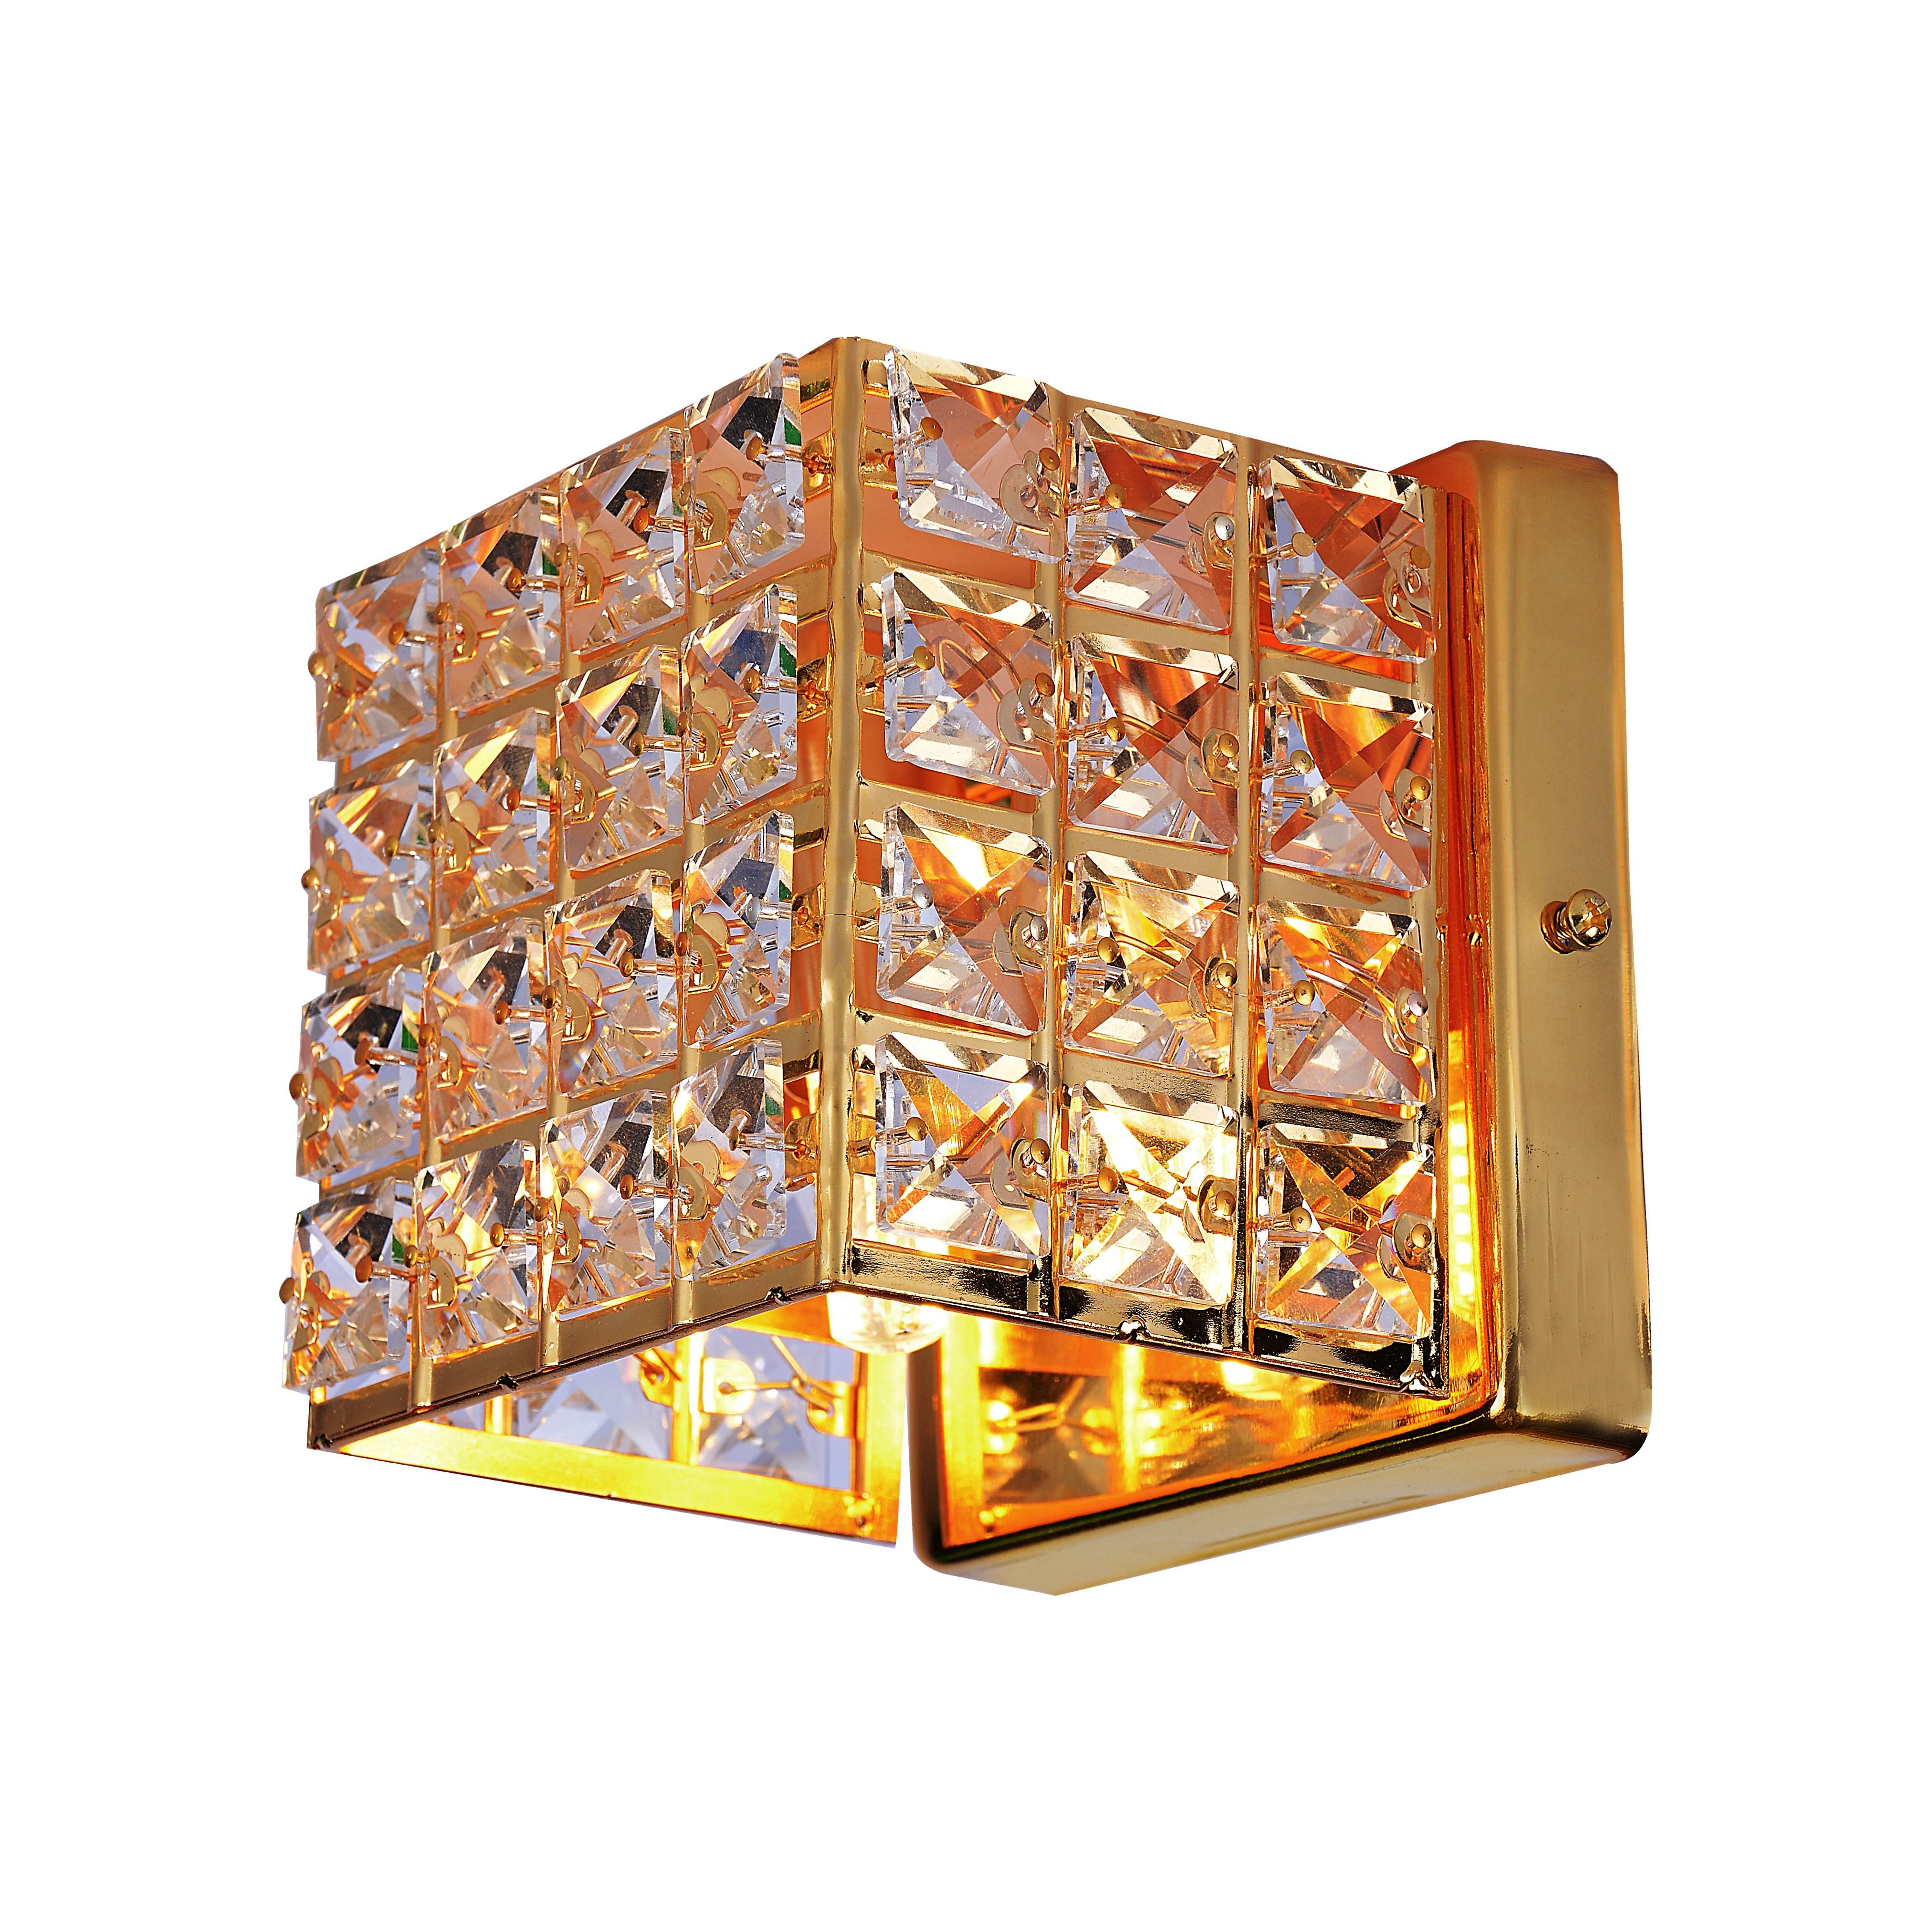 Arandela de Cristal LX lll Dourada 1 Lâmpada